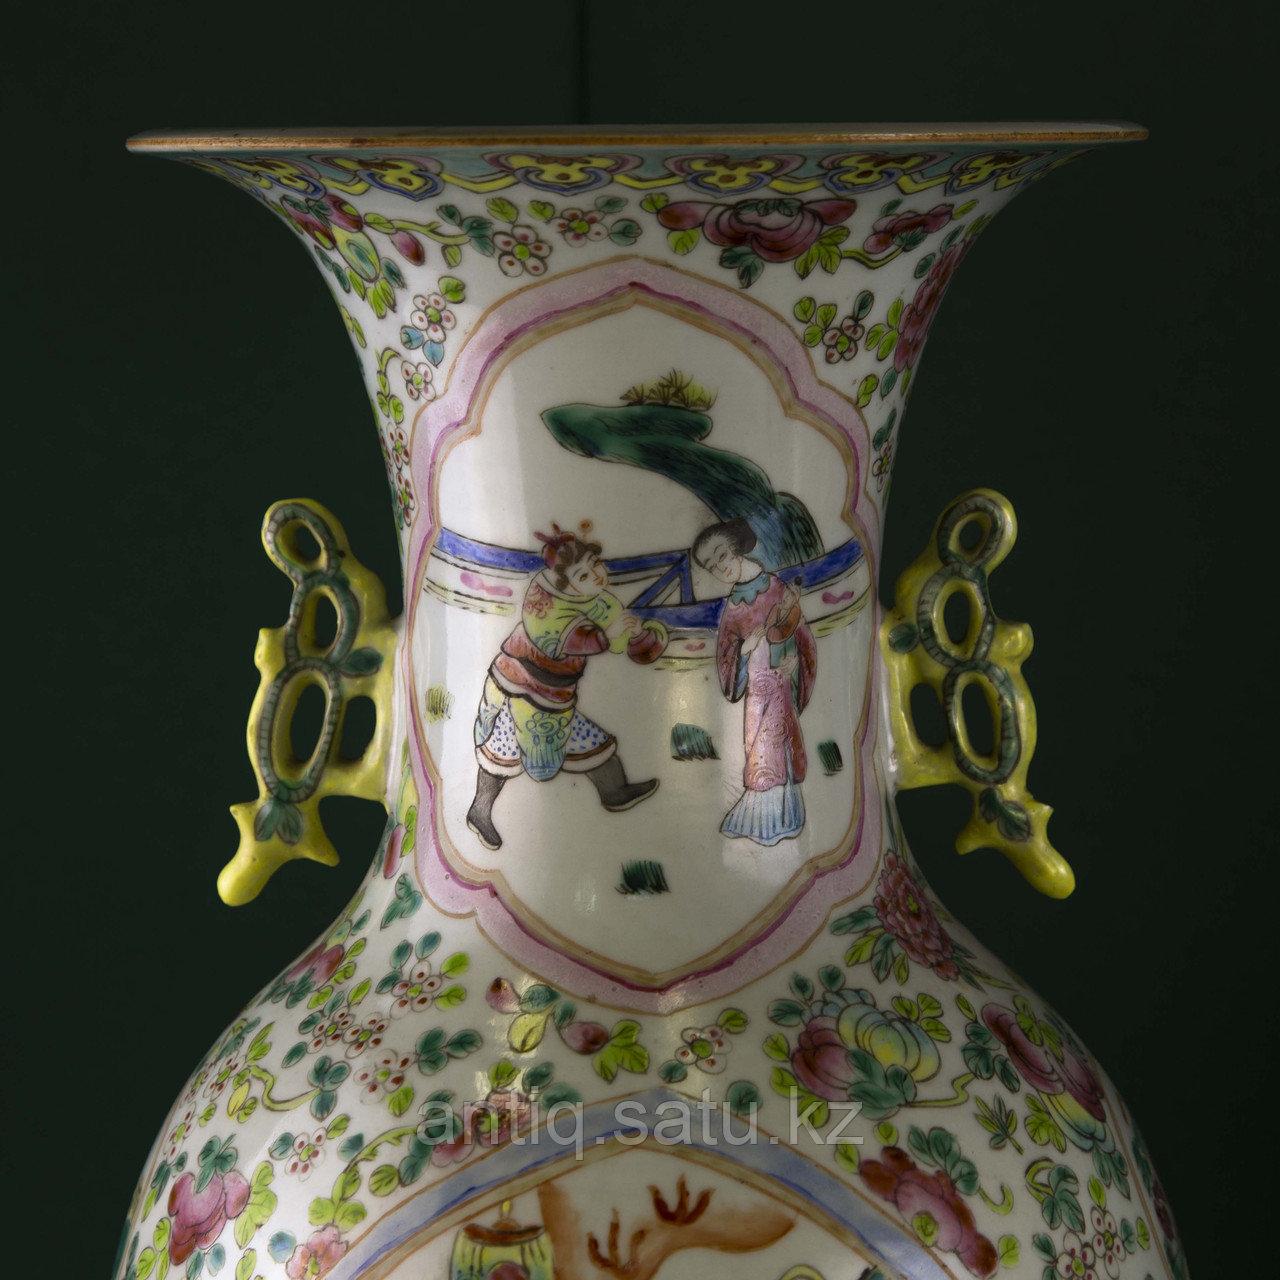 Парадные вазы. Китай. Начало ХХ века - фото 3